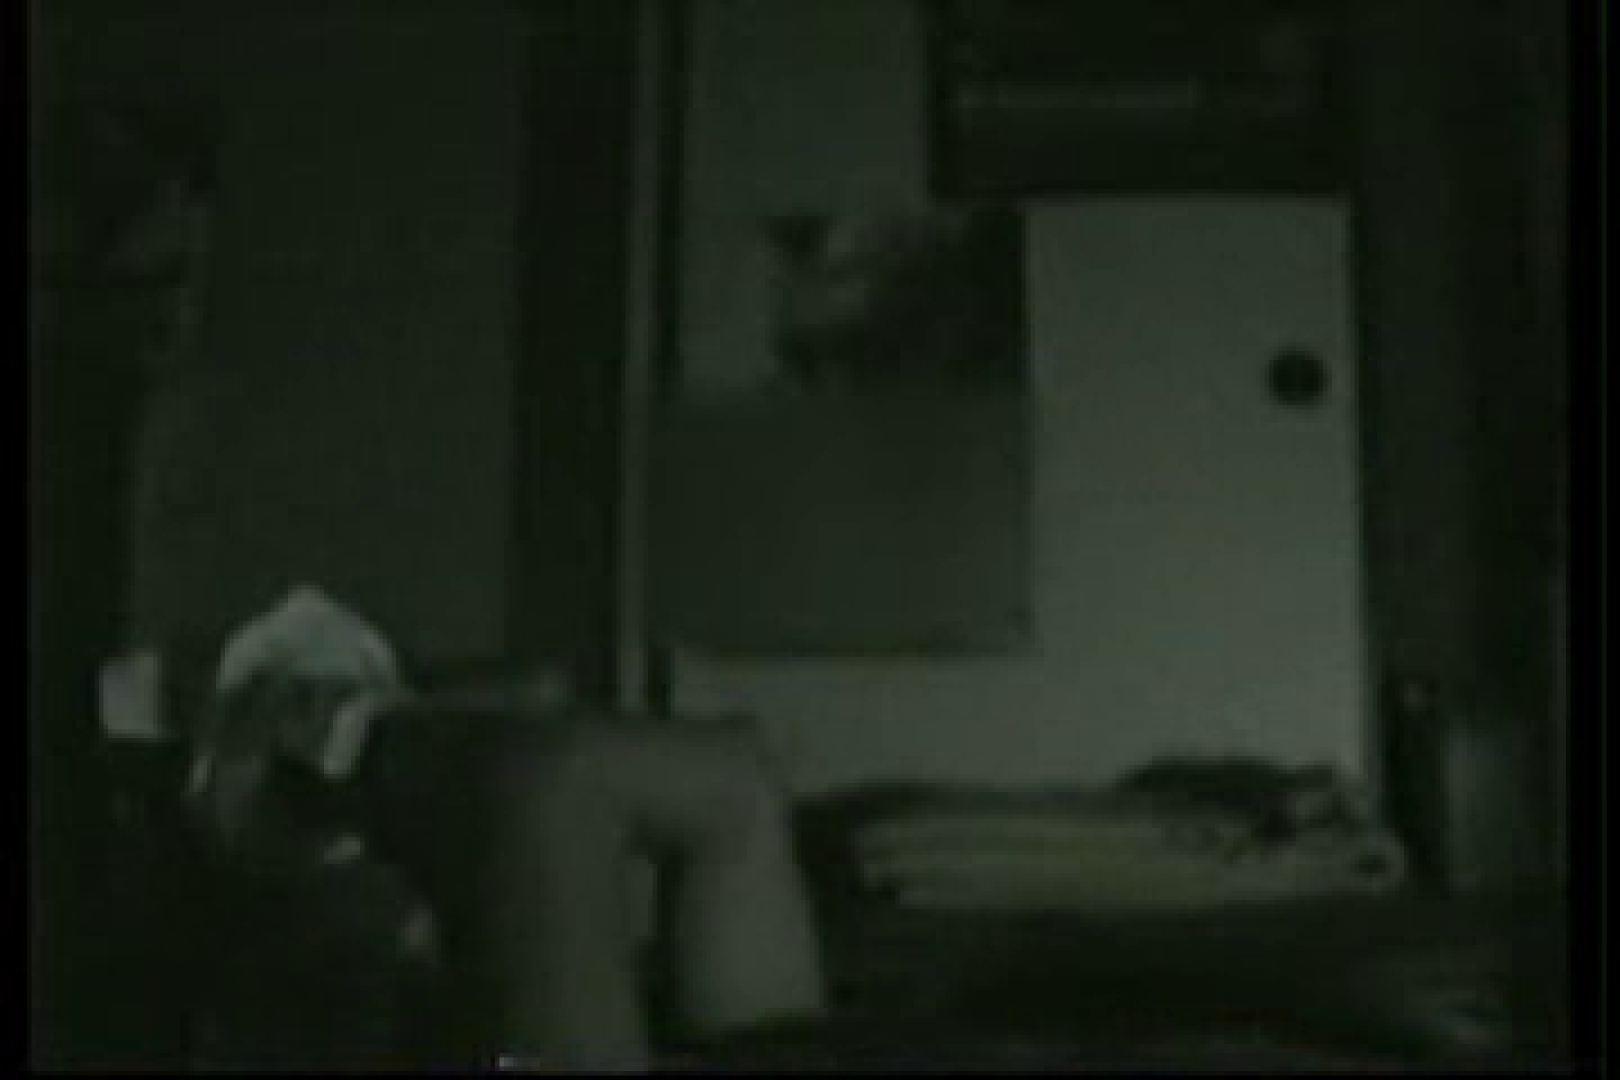 【実録個人撮影】男の子達の禁断の愛欲性活!!vol.02(対女性アナル責め) アナル責め ゲイ発射もろ画像 109枚 27